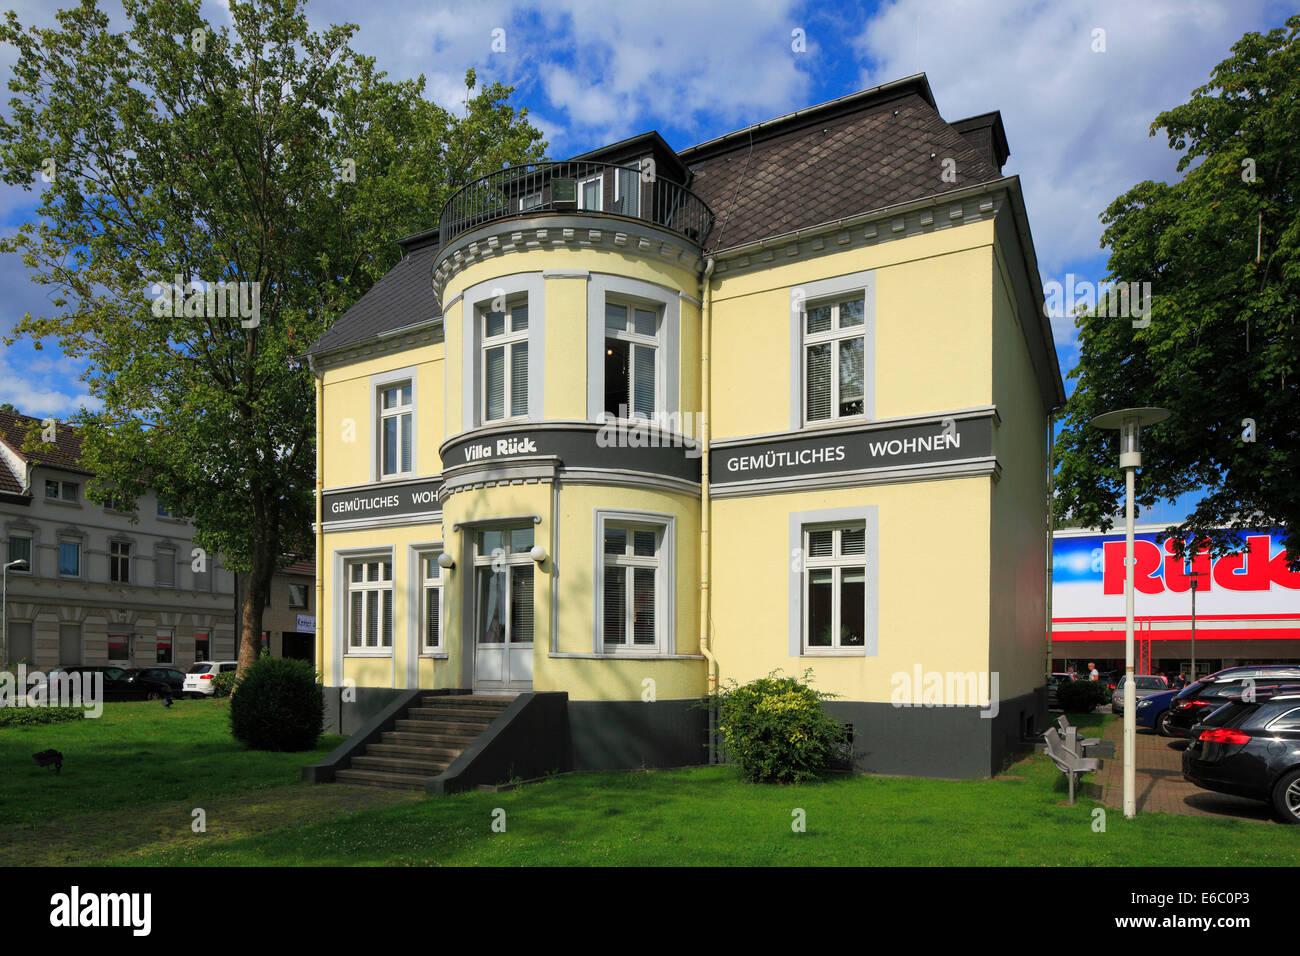 Mbelhaus Oberhausen Cool Free Dvorak Gmbh Mbelhaus With Mbelhaus